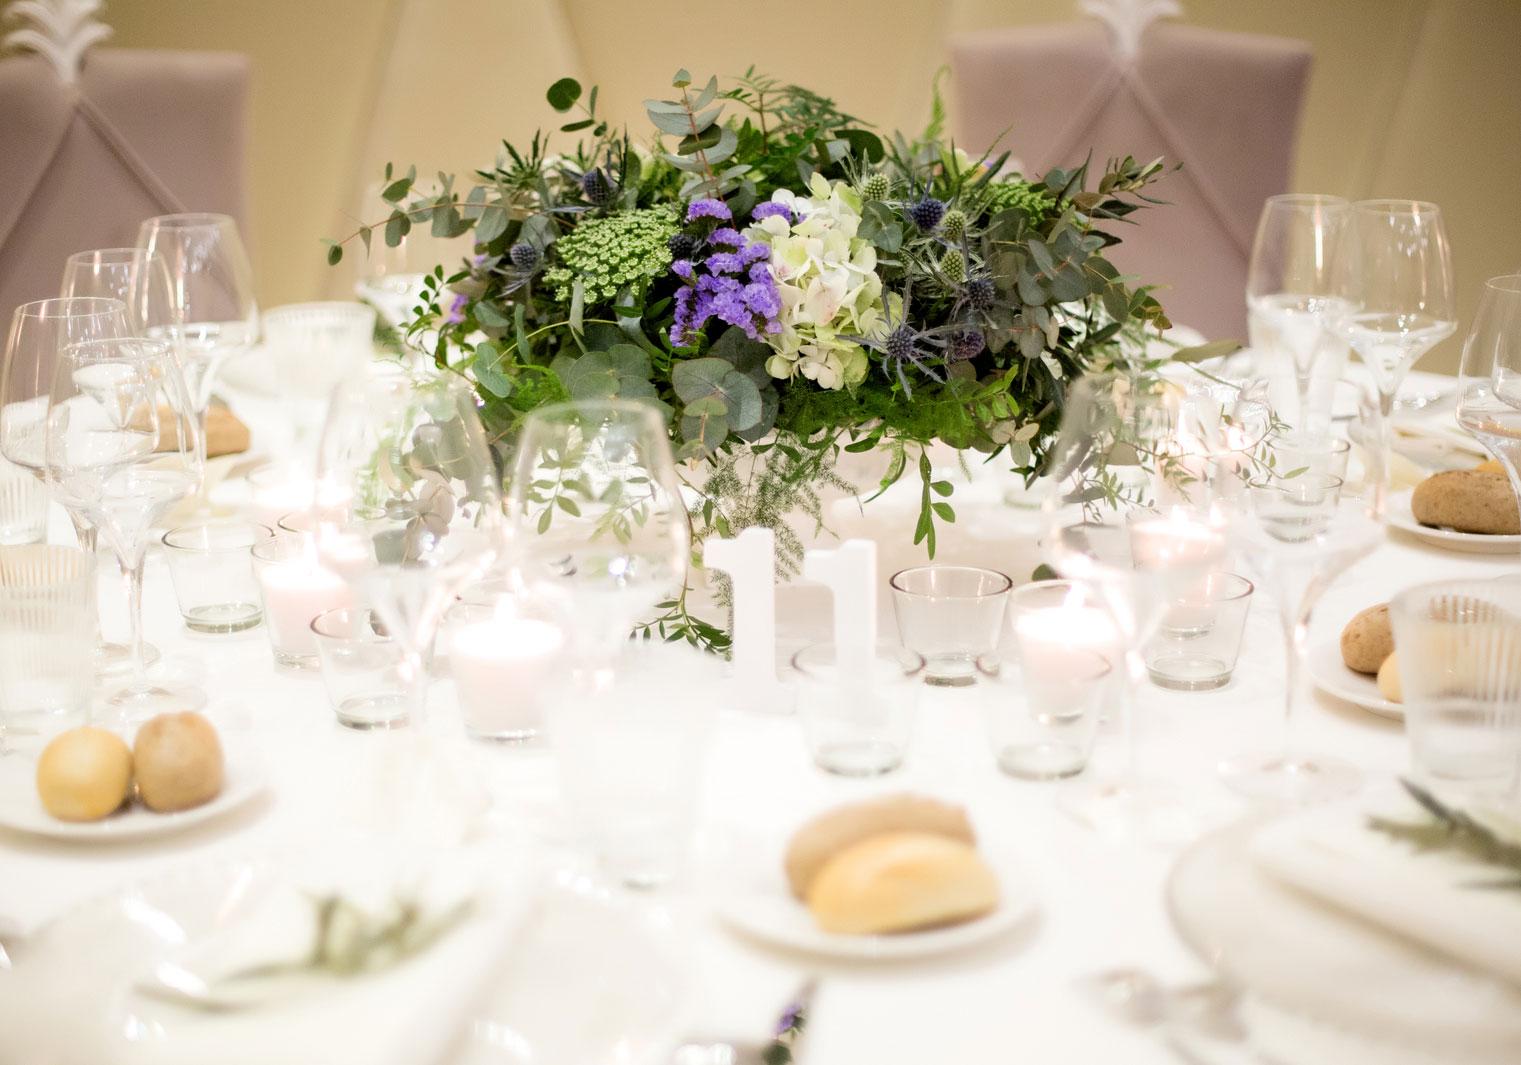 Centro de mesa de flores para una boda elegante